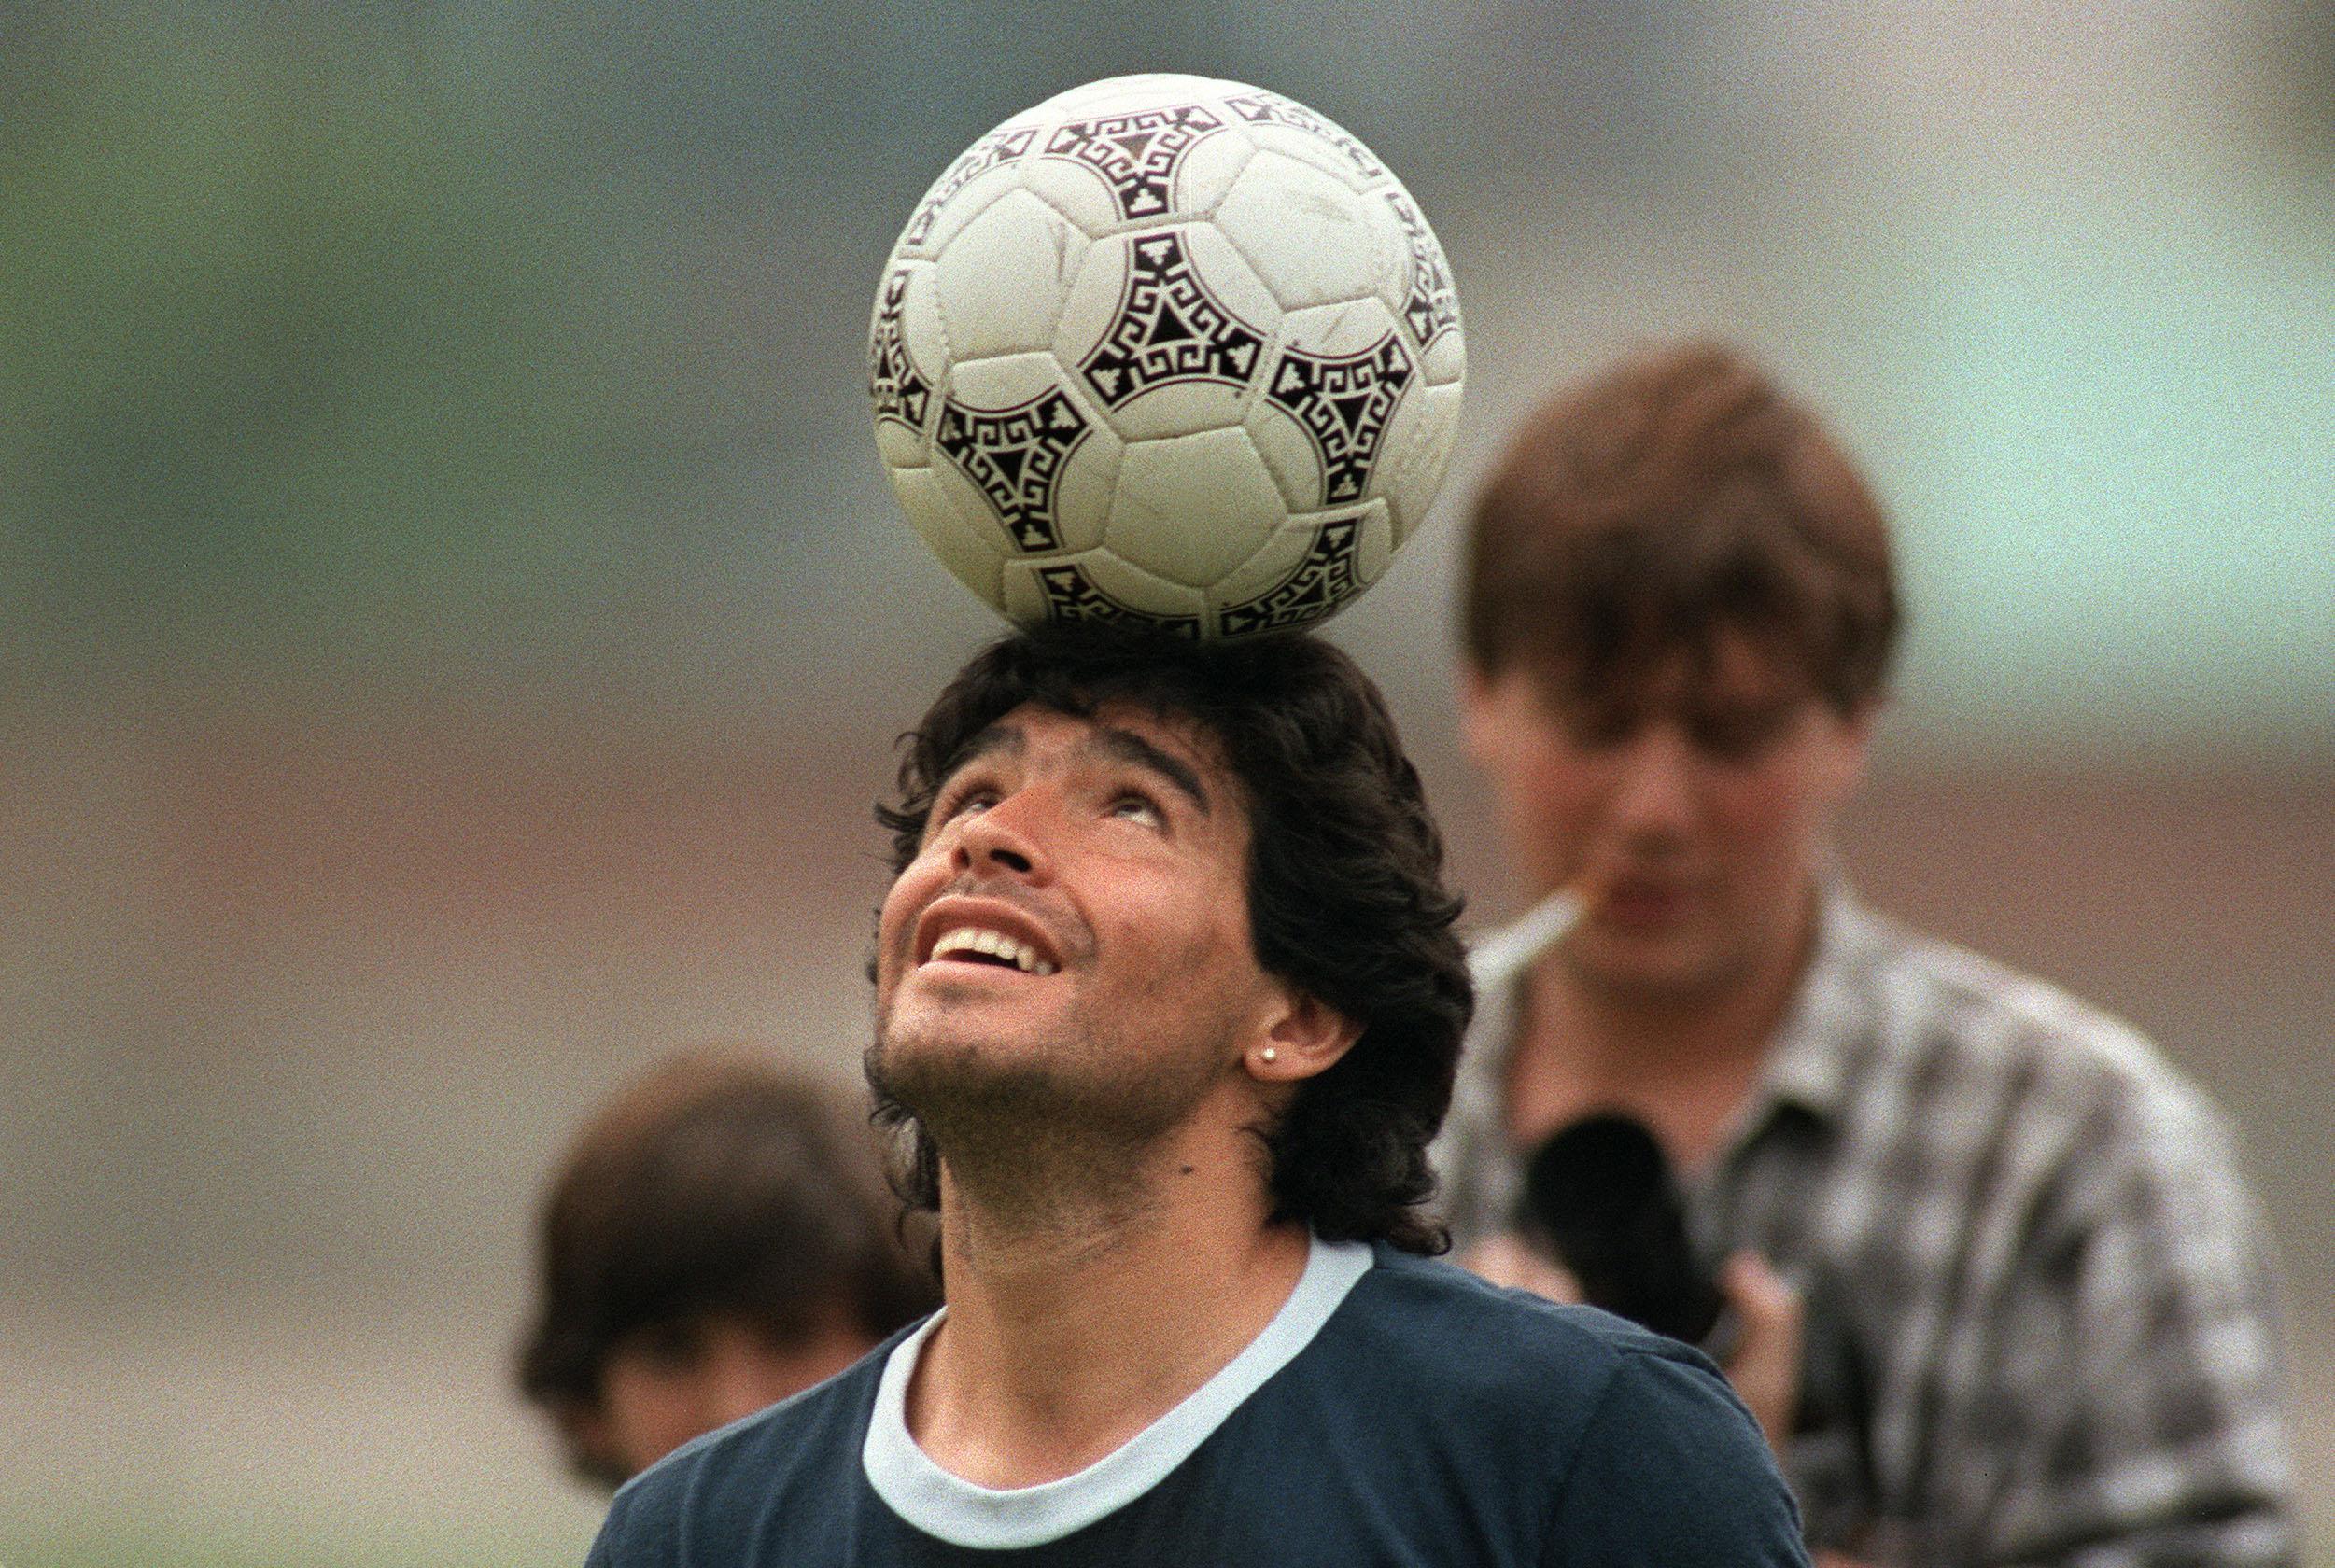 Argentine soccer star Diego Maradona, we